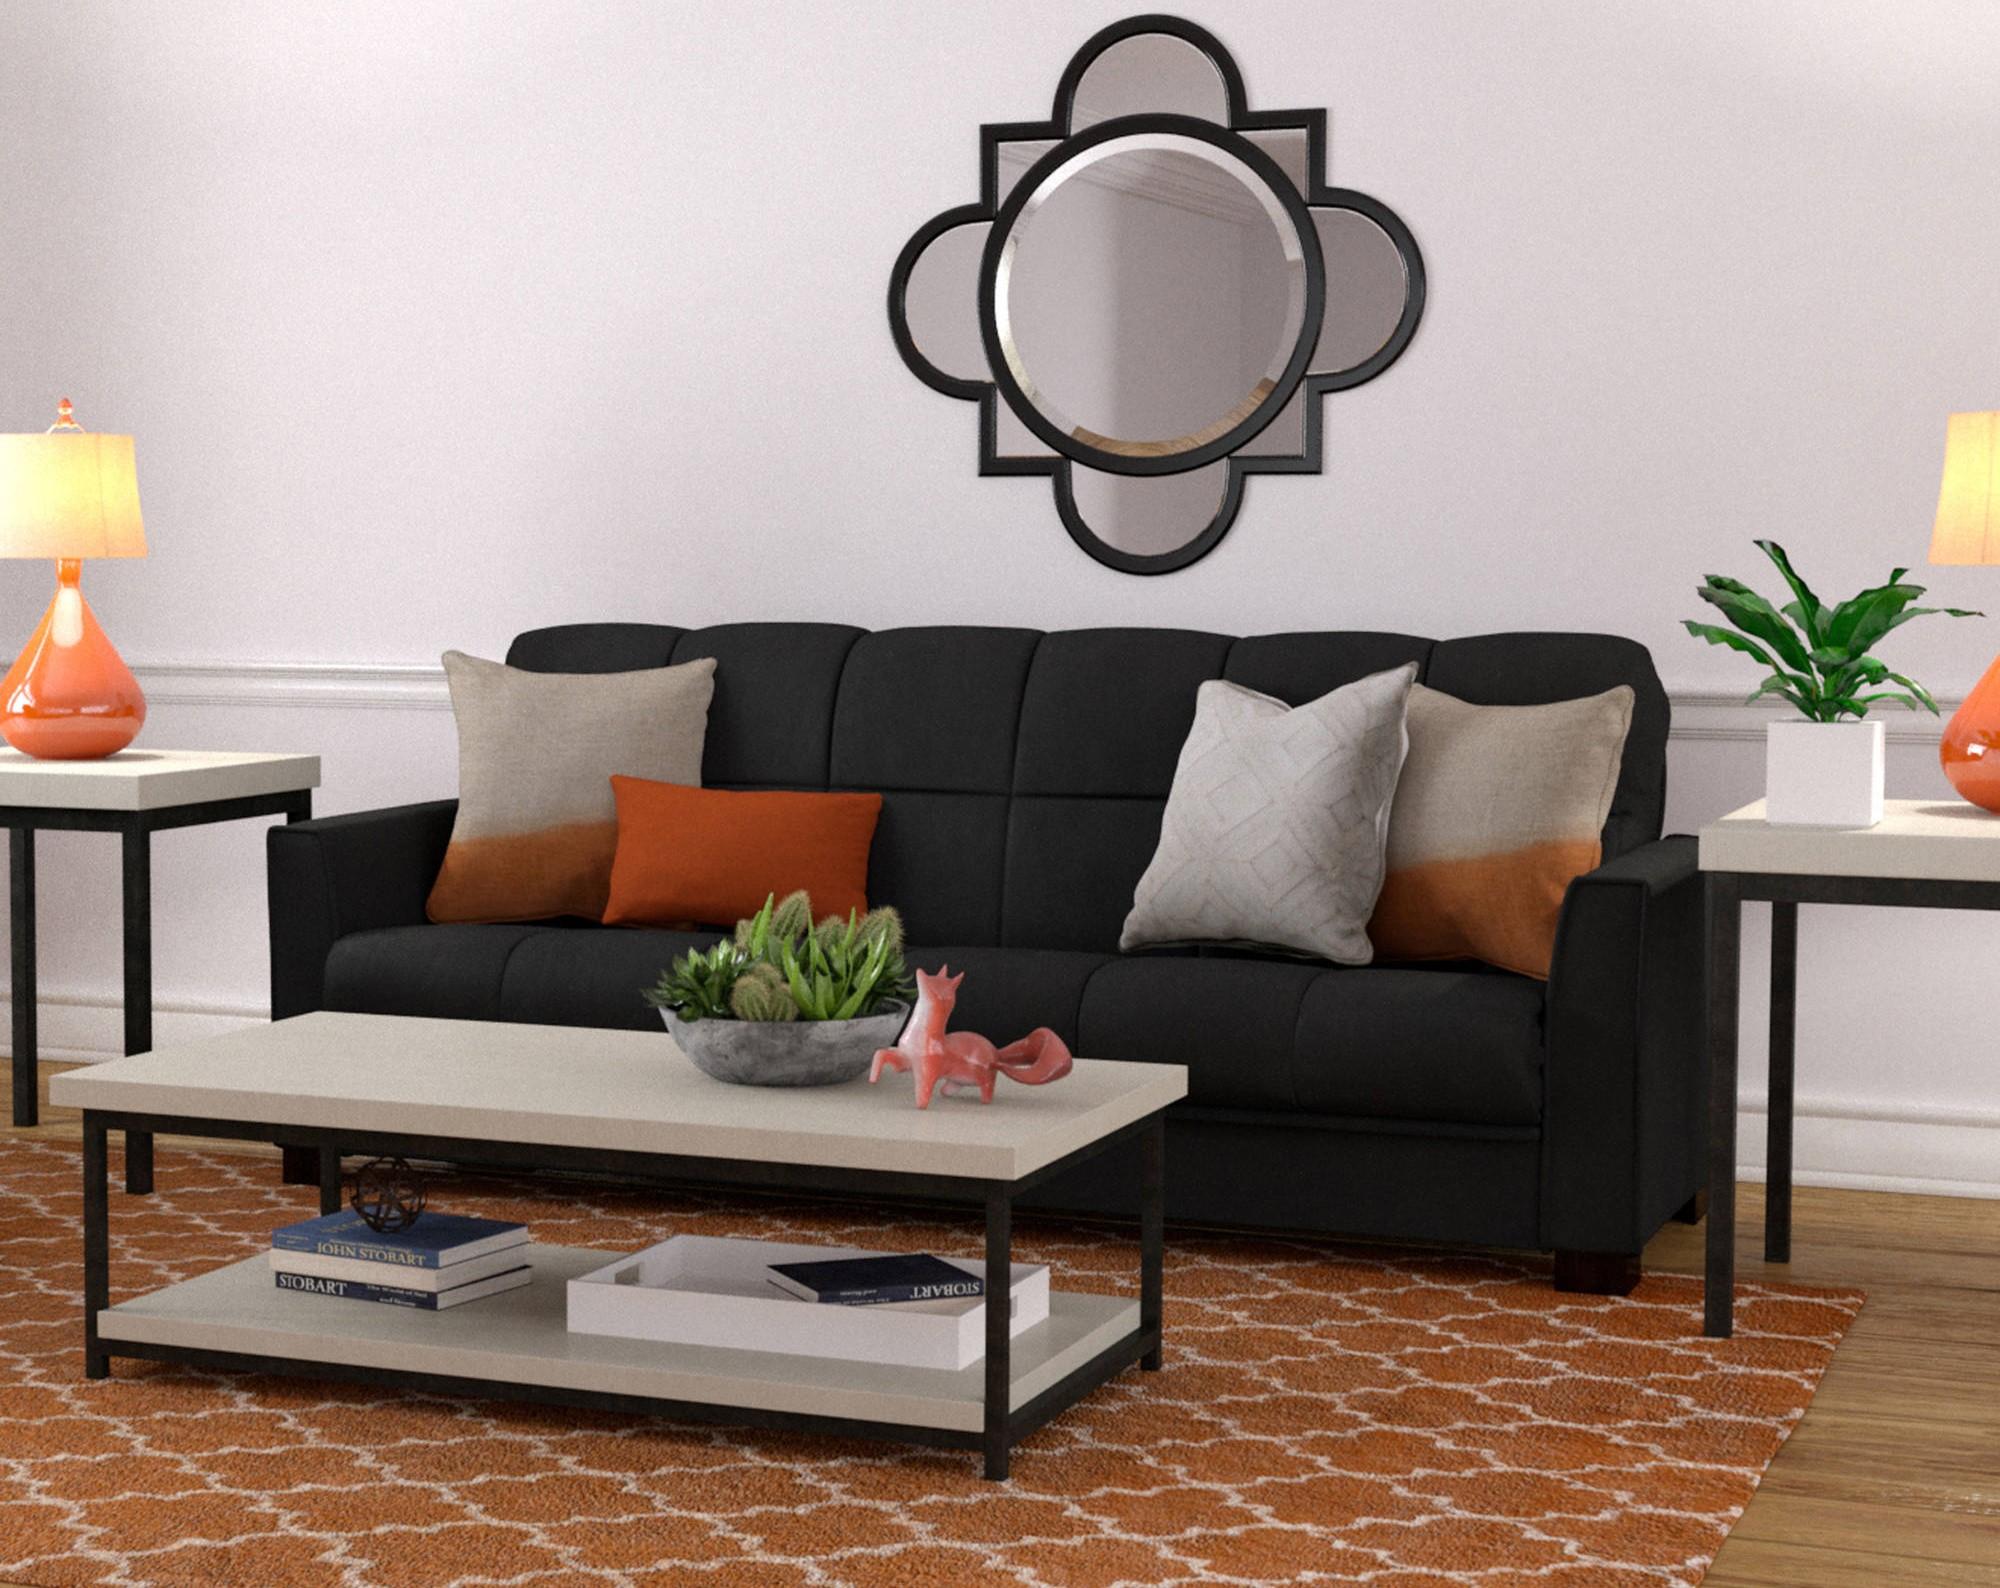 20 Desain Meja Ruang Tamu Minimalis Terbaru 2020 Dekor Rumah